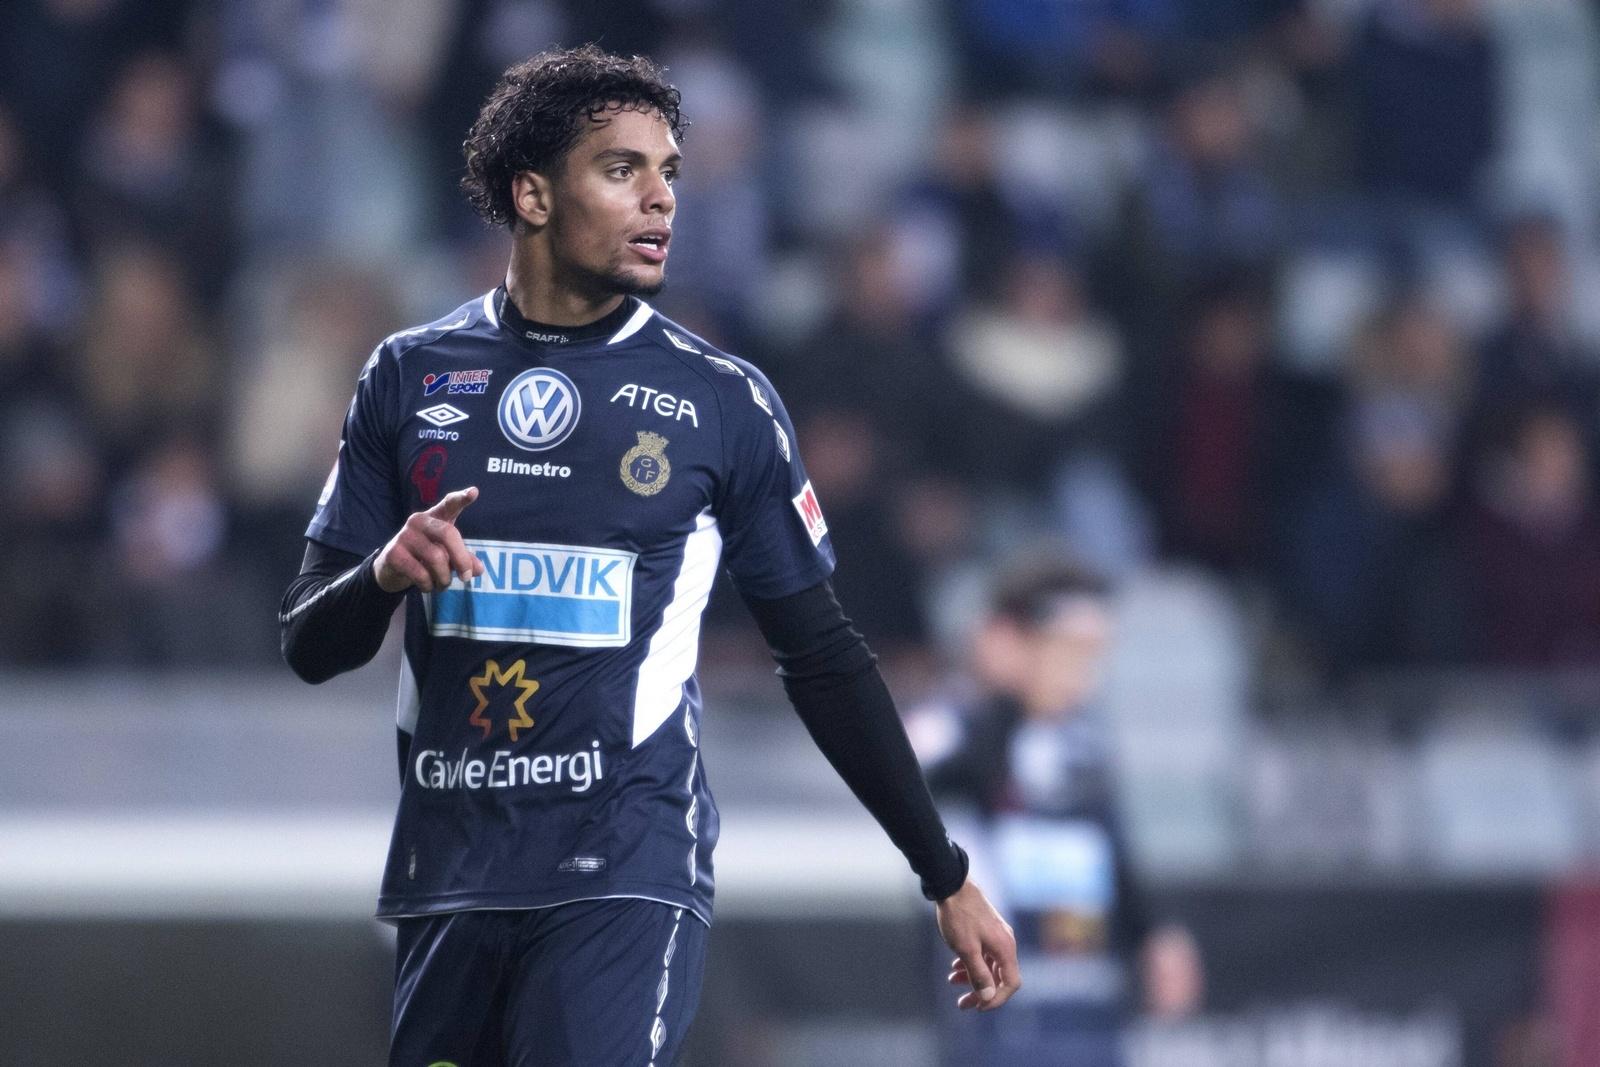 Joshua Nadeau spielte zuletzt für den schwedischen Erstligisten Gefle IF.